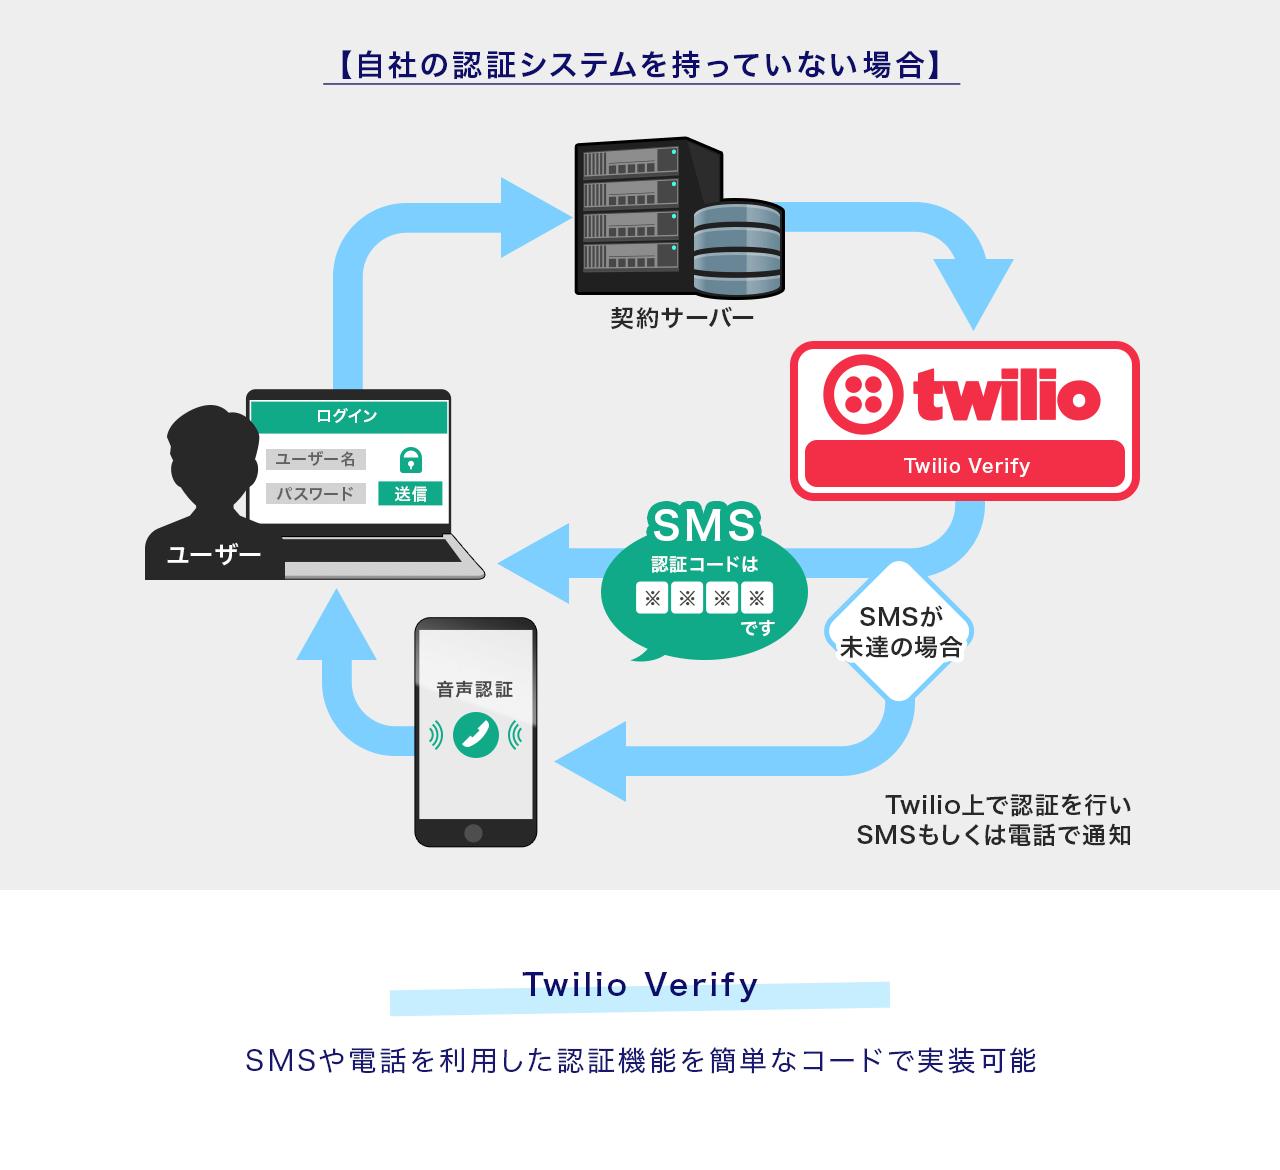 自社の認証システムを持っていない場合。Twilio VerifyはSMSや電話を利用した認証機能を簡単なコードで実装可能です。